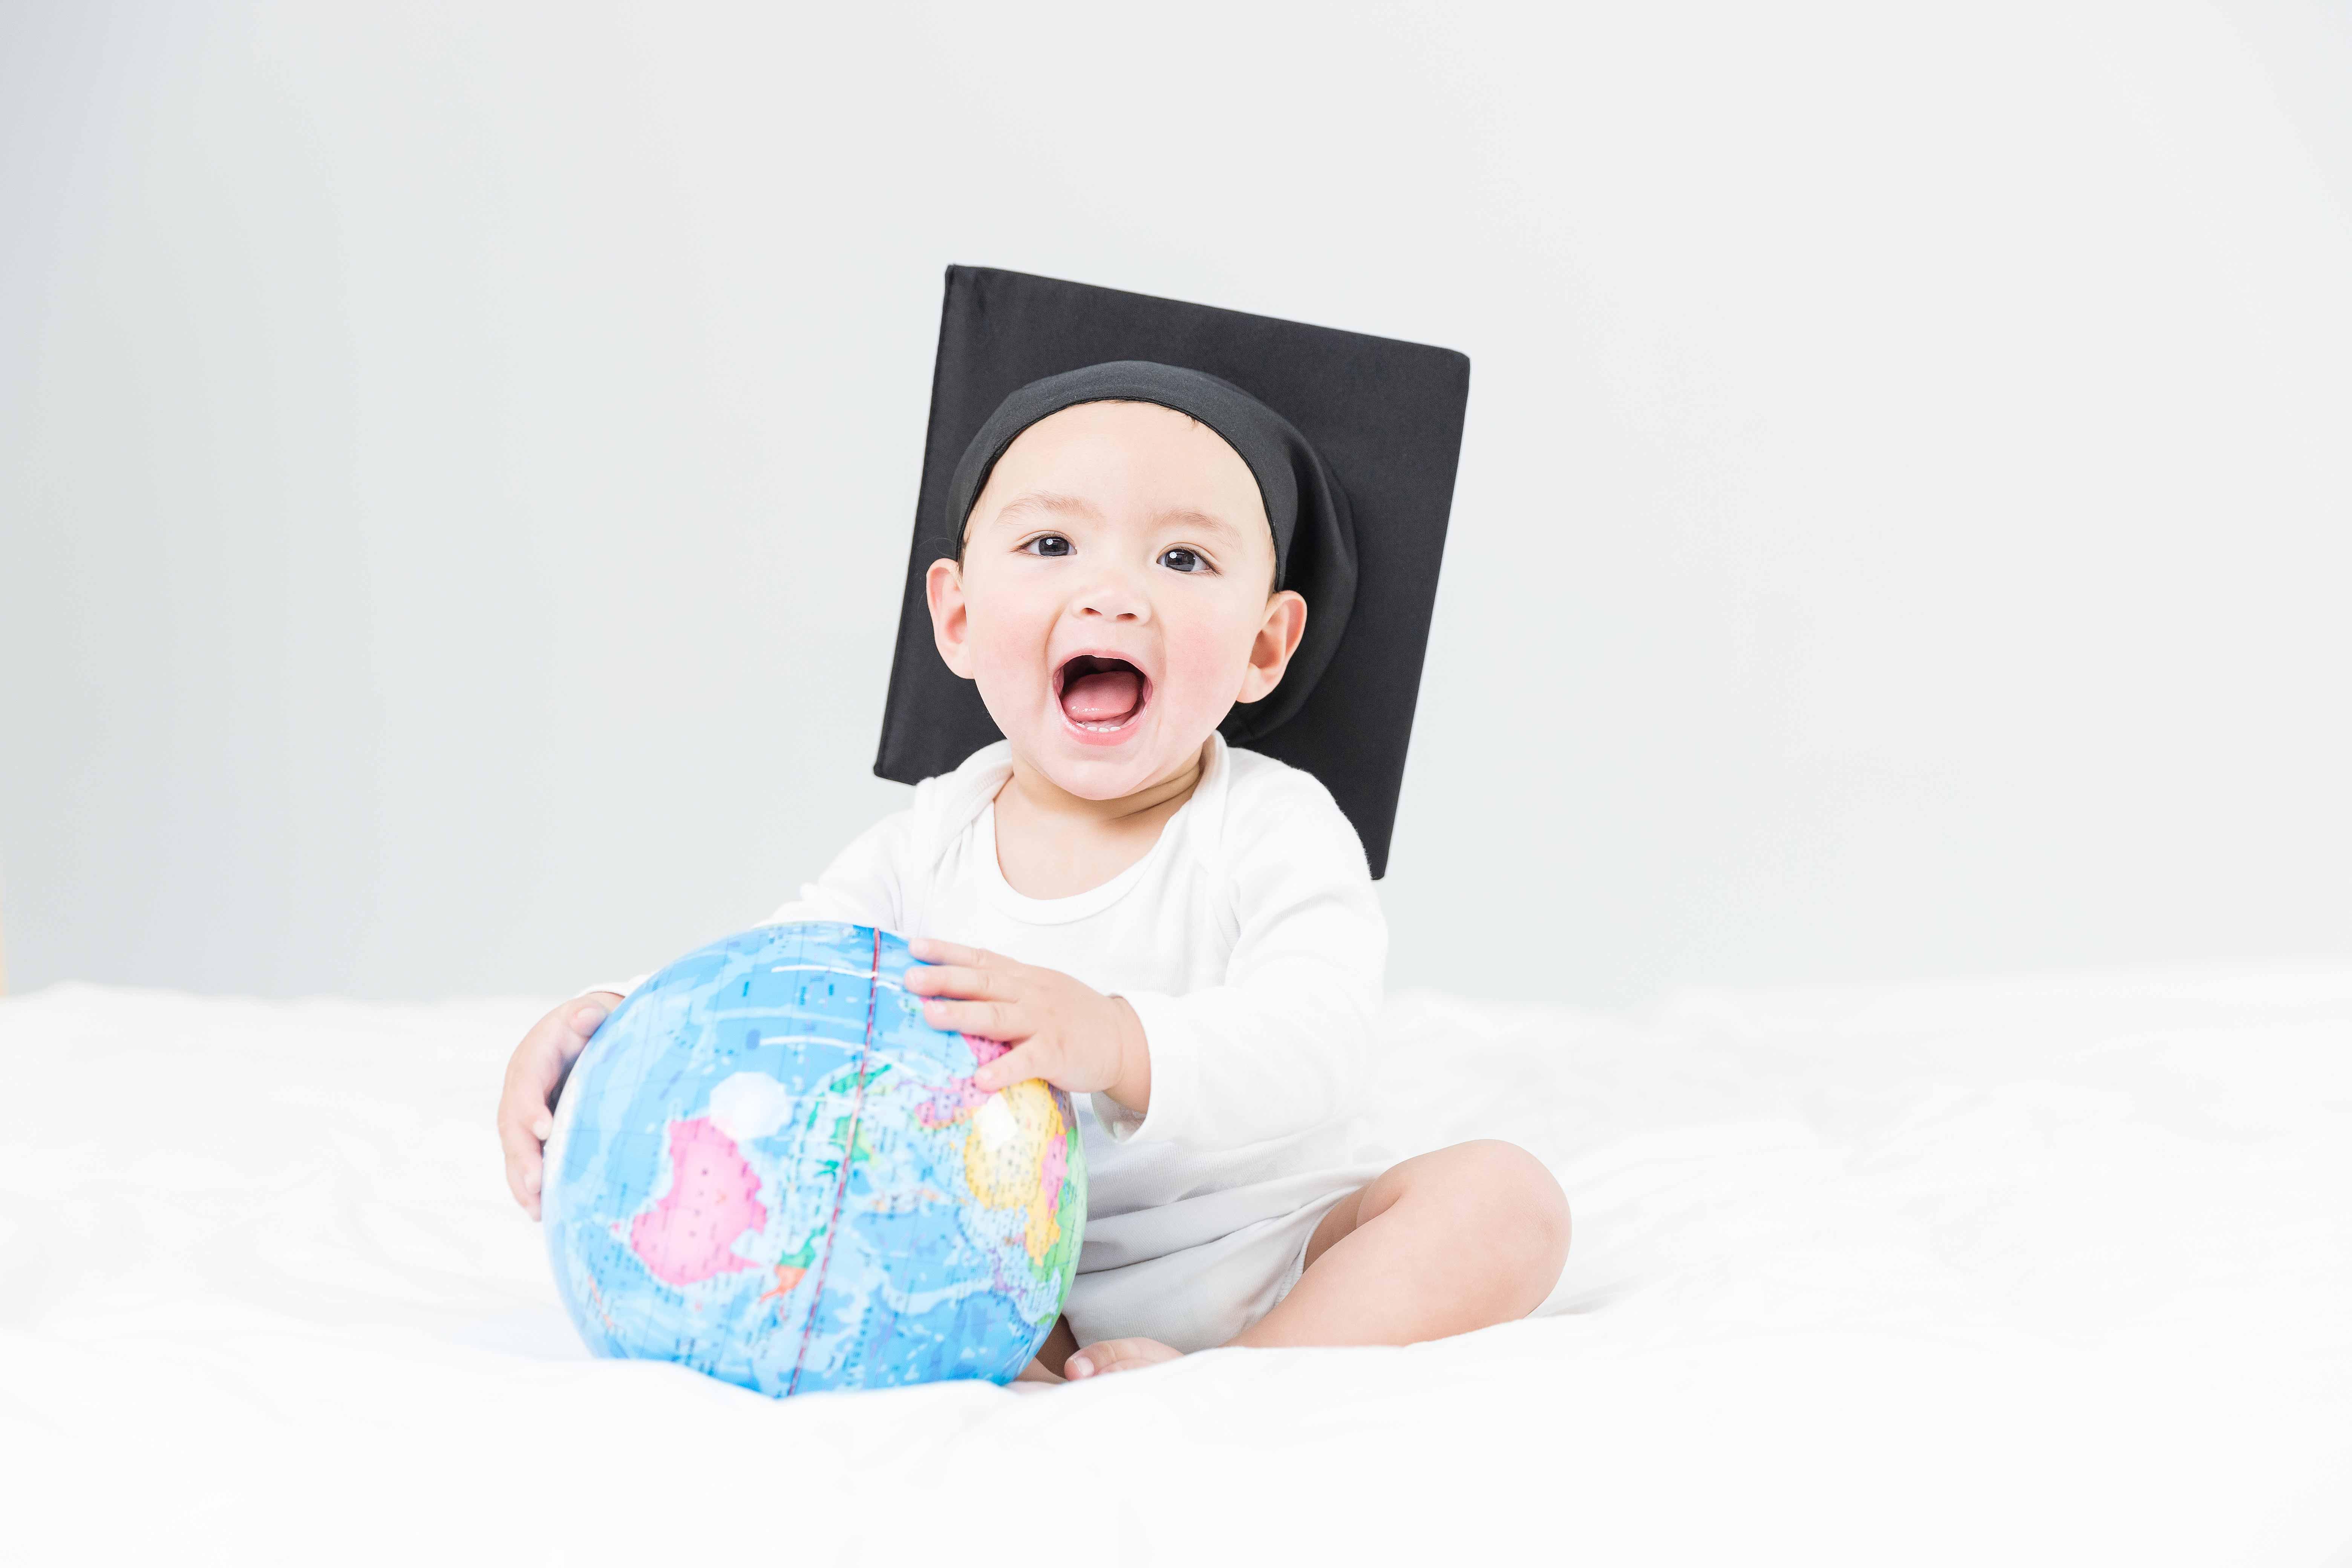 宝宝早教抓住关键期,送机构不如妈妈自己这样教